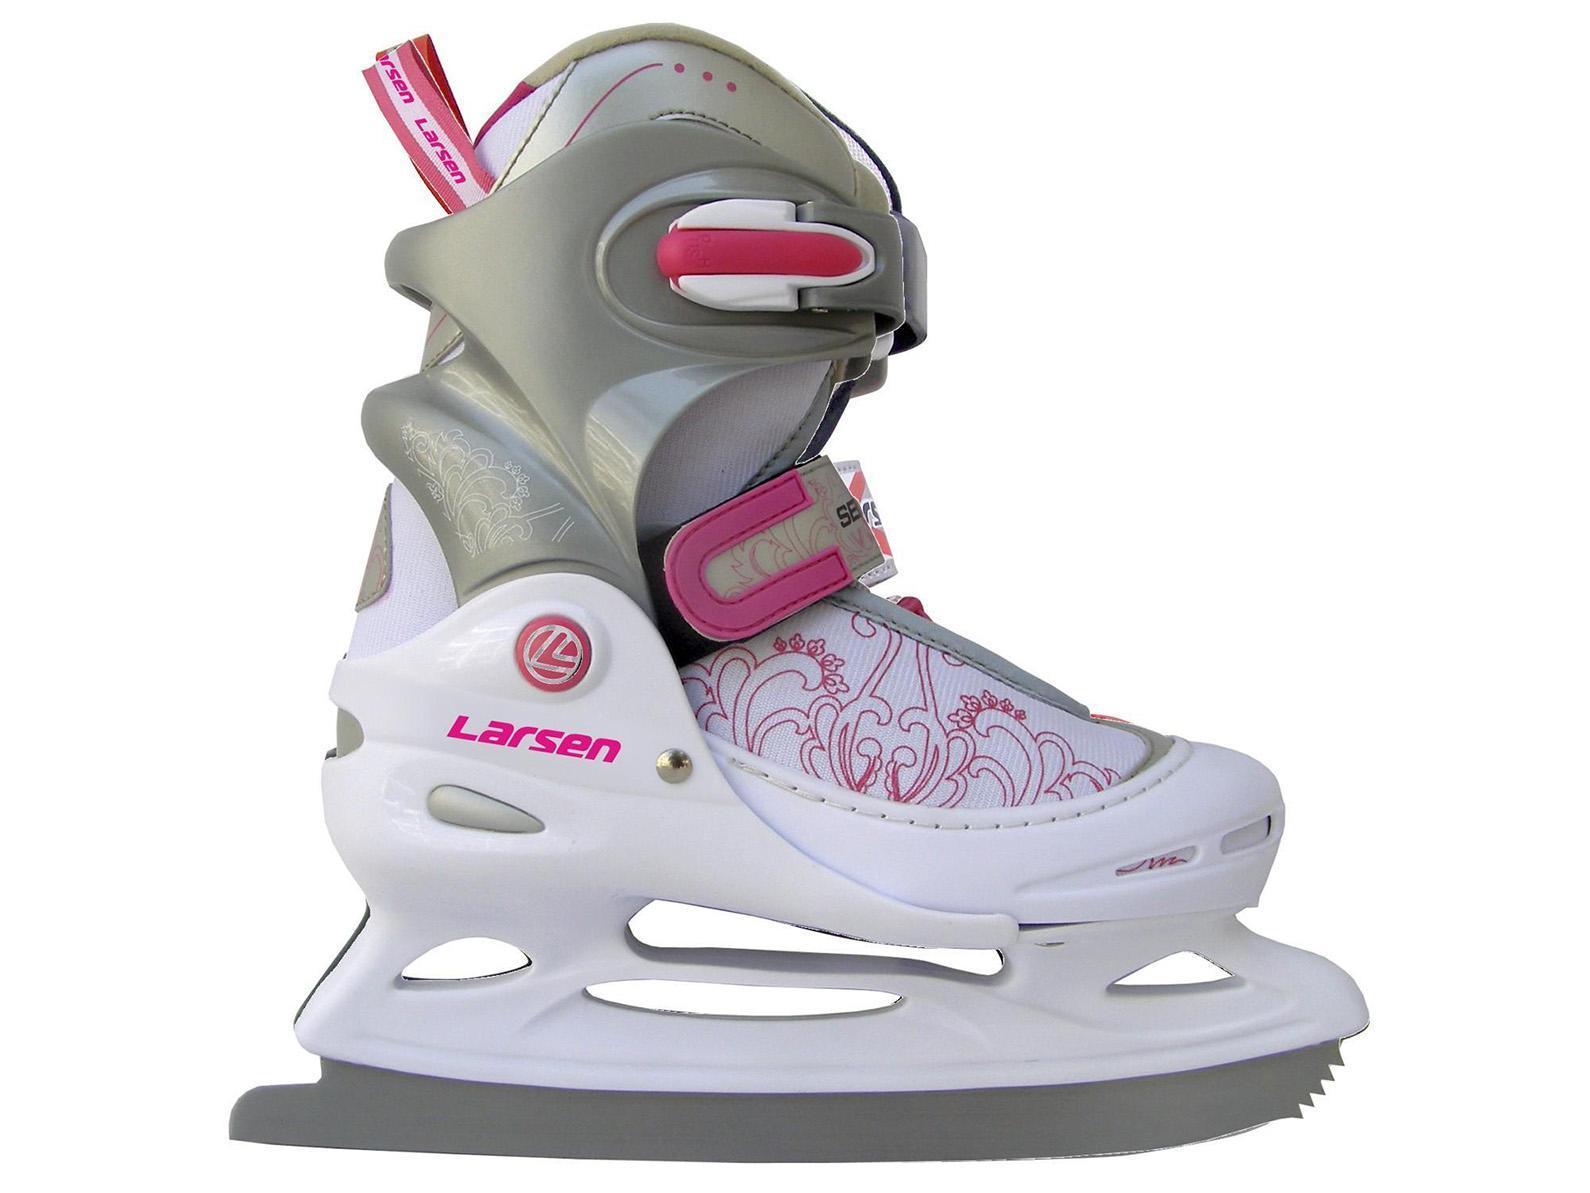 Коньки ледовые детские Larsen, раздвижные, цвет: серый, розовый, белый. Liberty 2014-2015. Размер 30/33SF 010Прогулочные коньки для свободного катания на льду. В коньках используются морозоустойчивые материалы повышенной прочности.